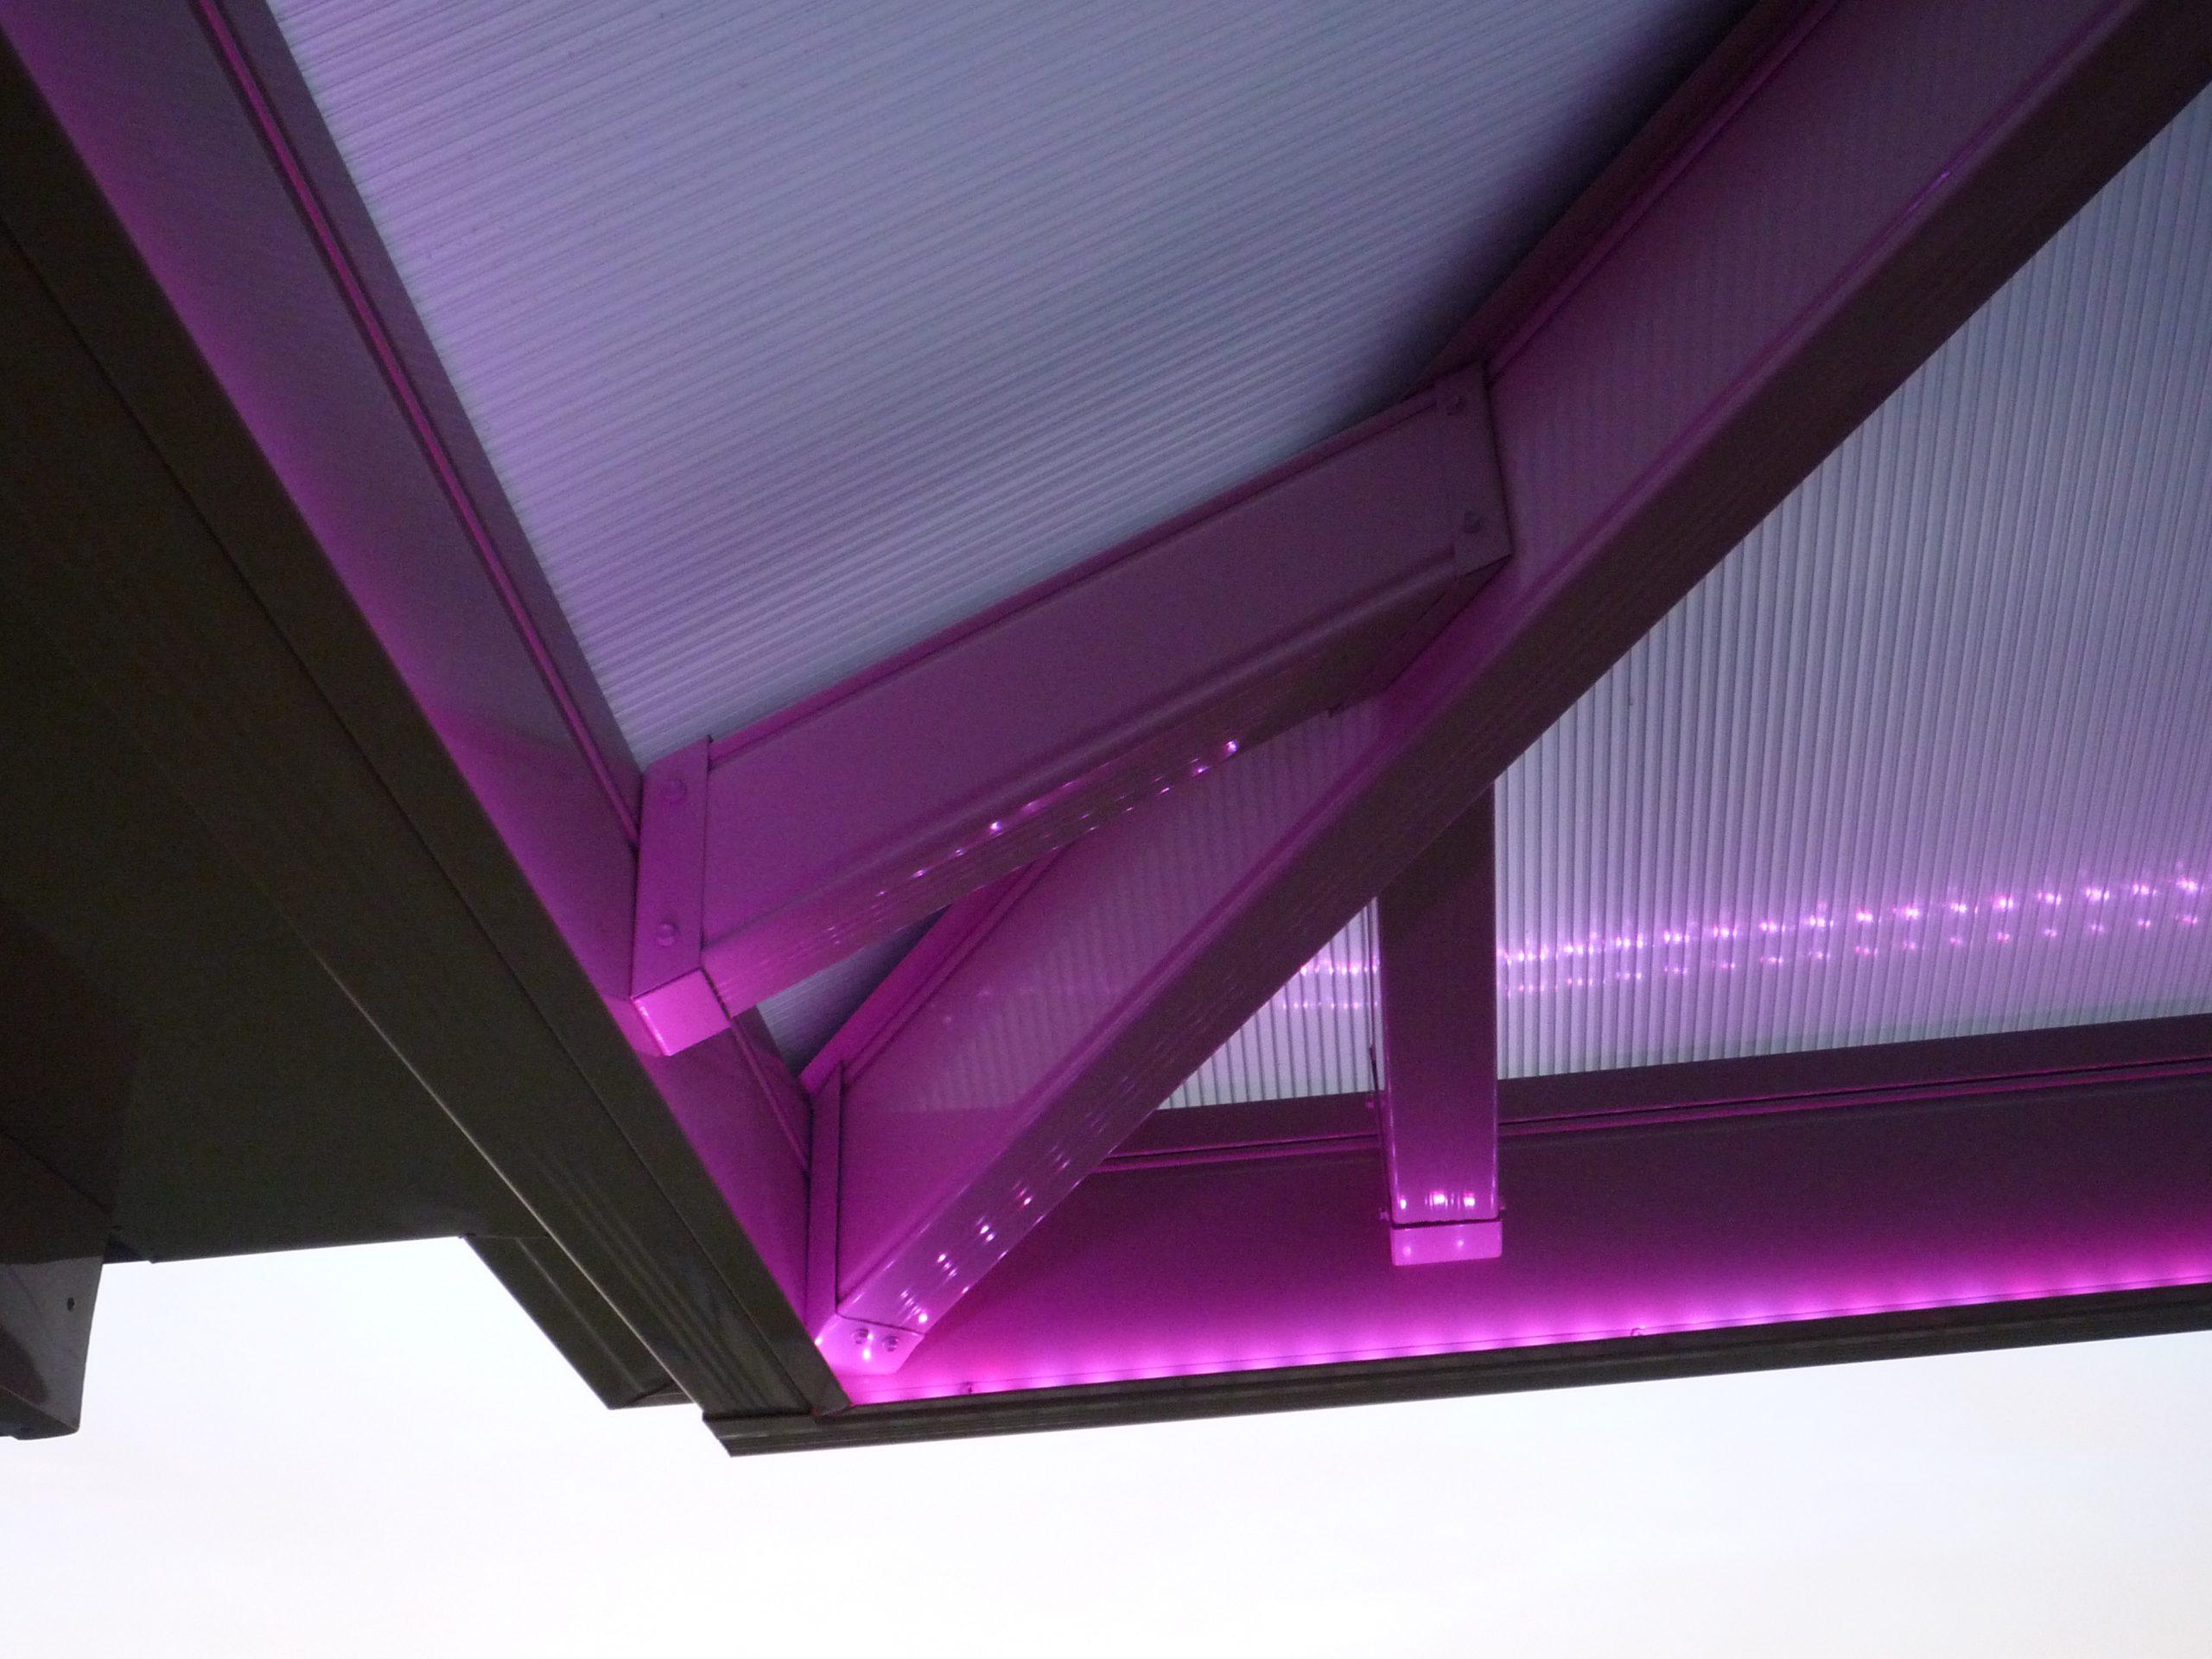 12-LED-Effect-Lighting-scaled